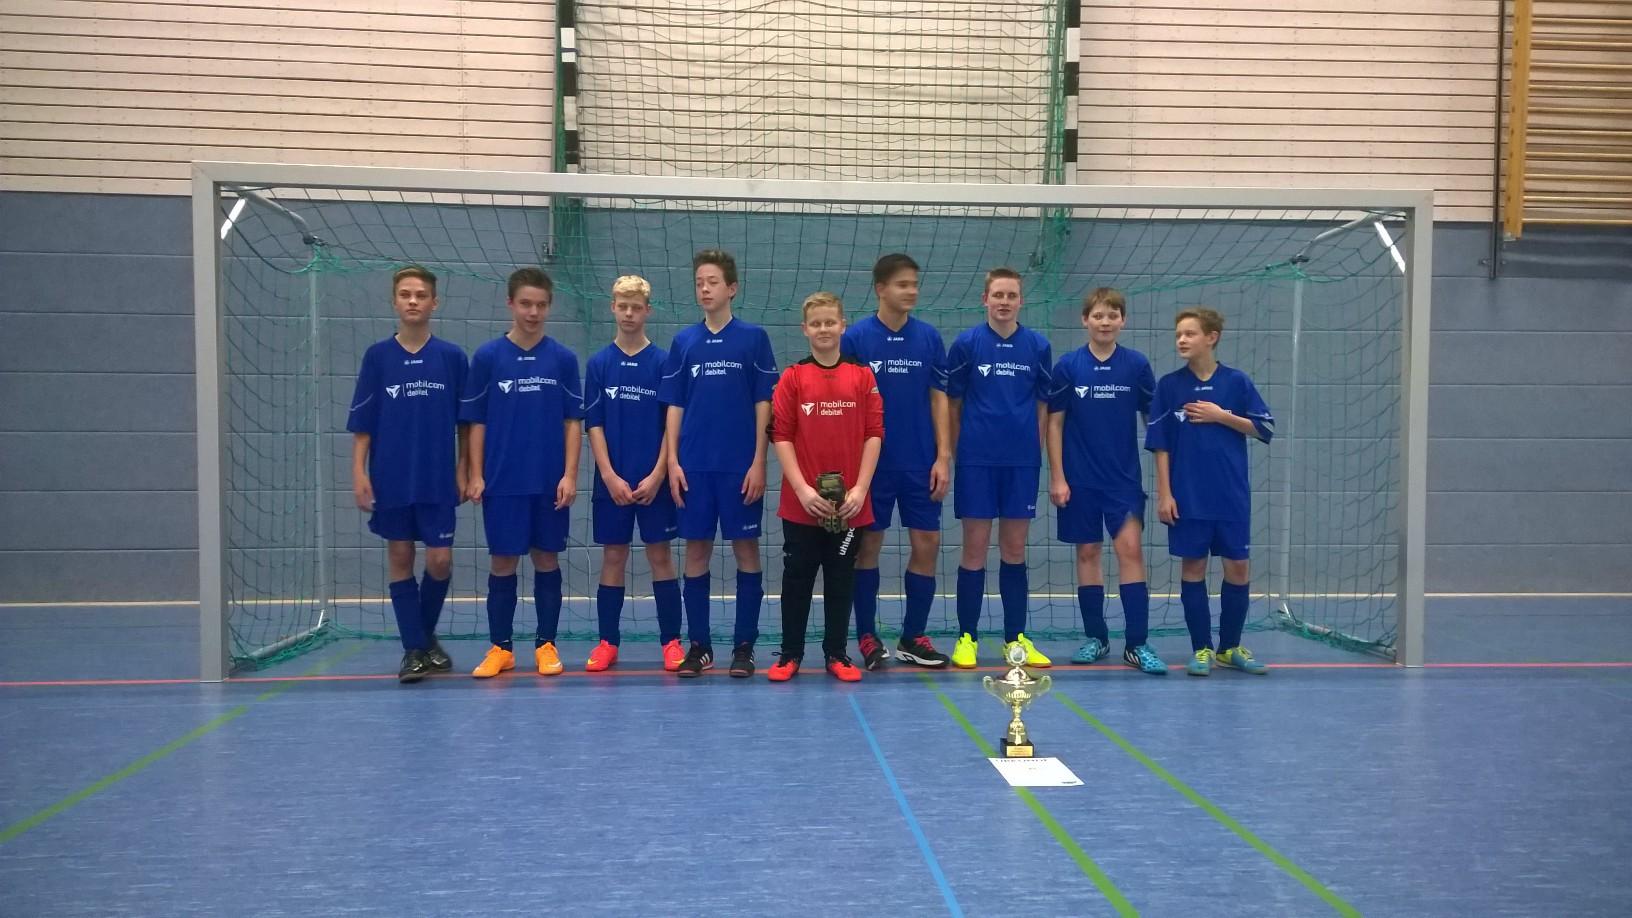 C-Jugend : Turnier des SV Dautzsch in Wettin - Turniersieg !!!